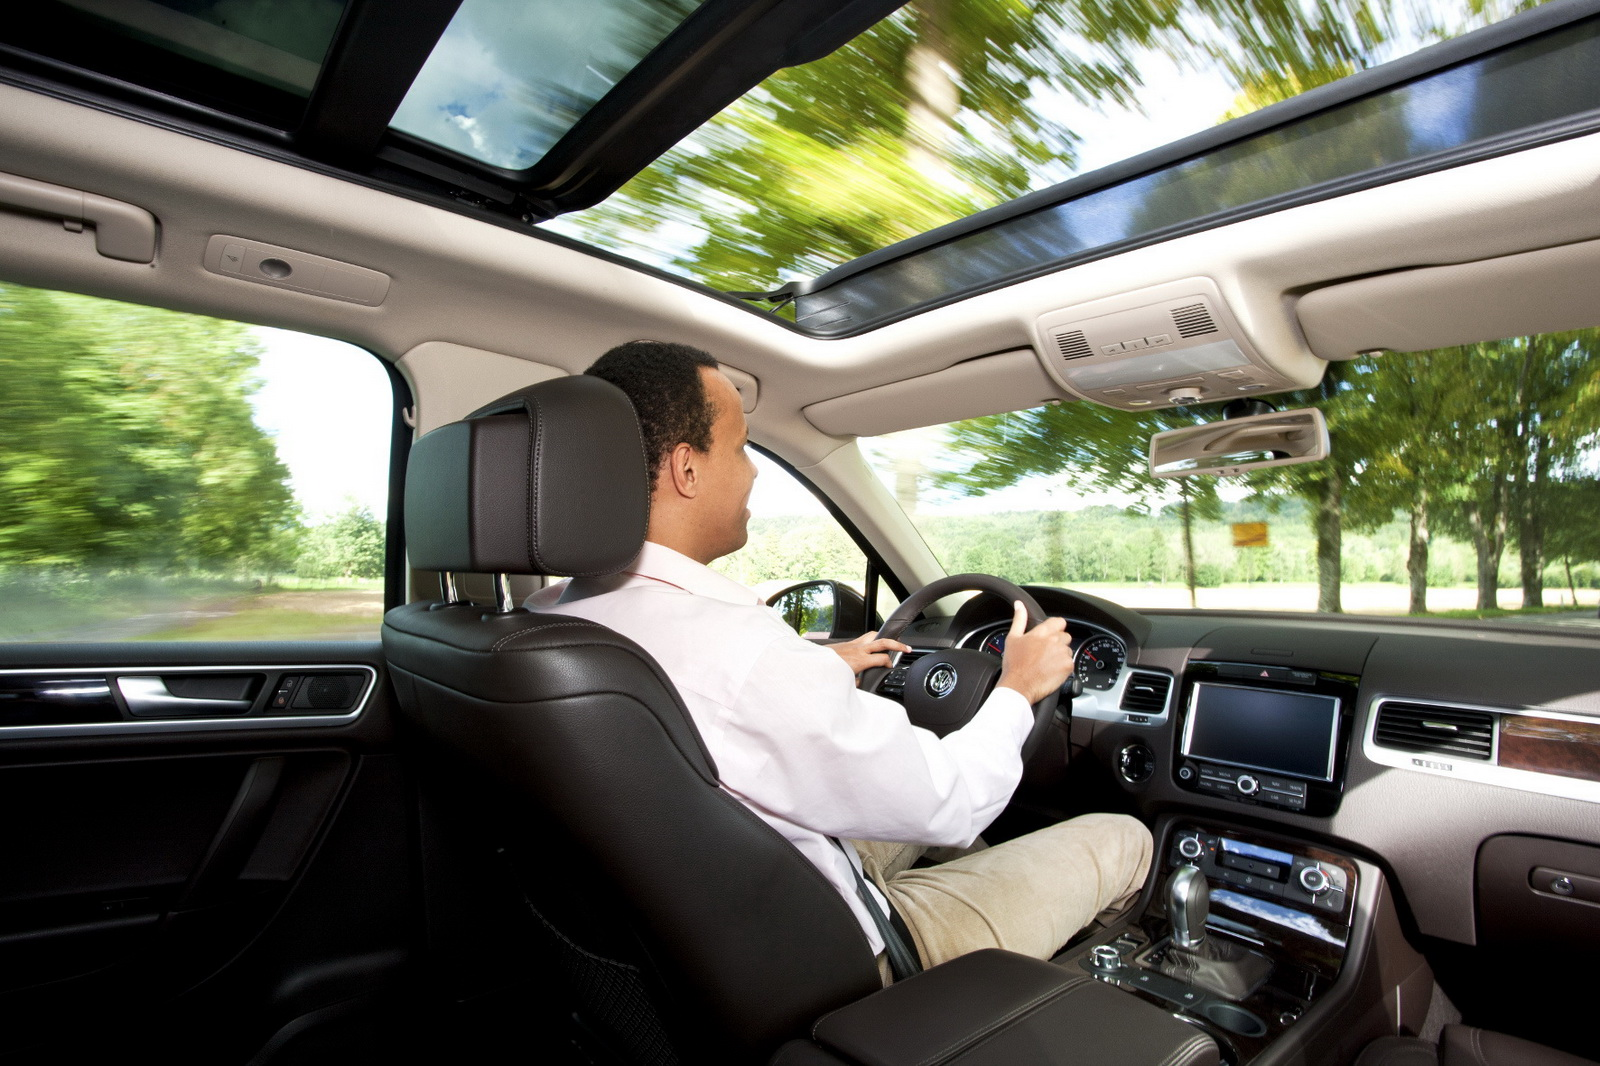 Что должно входить в комплектацию автомобиля - журнал За рулем